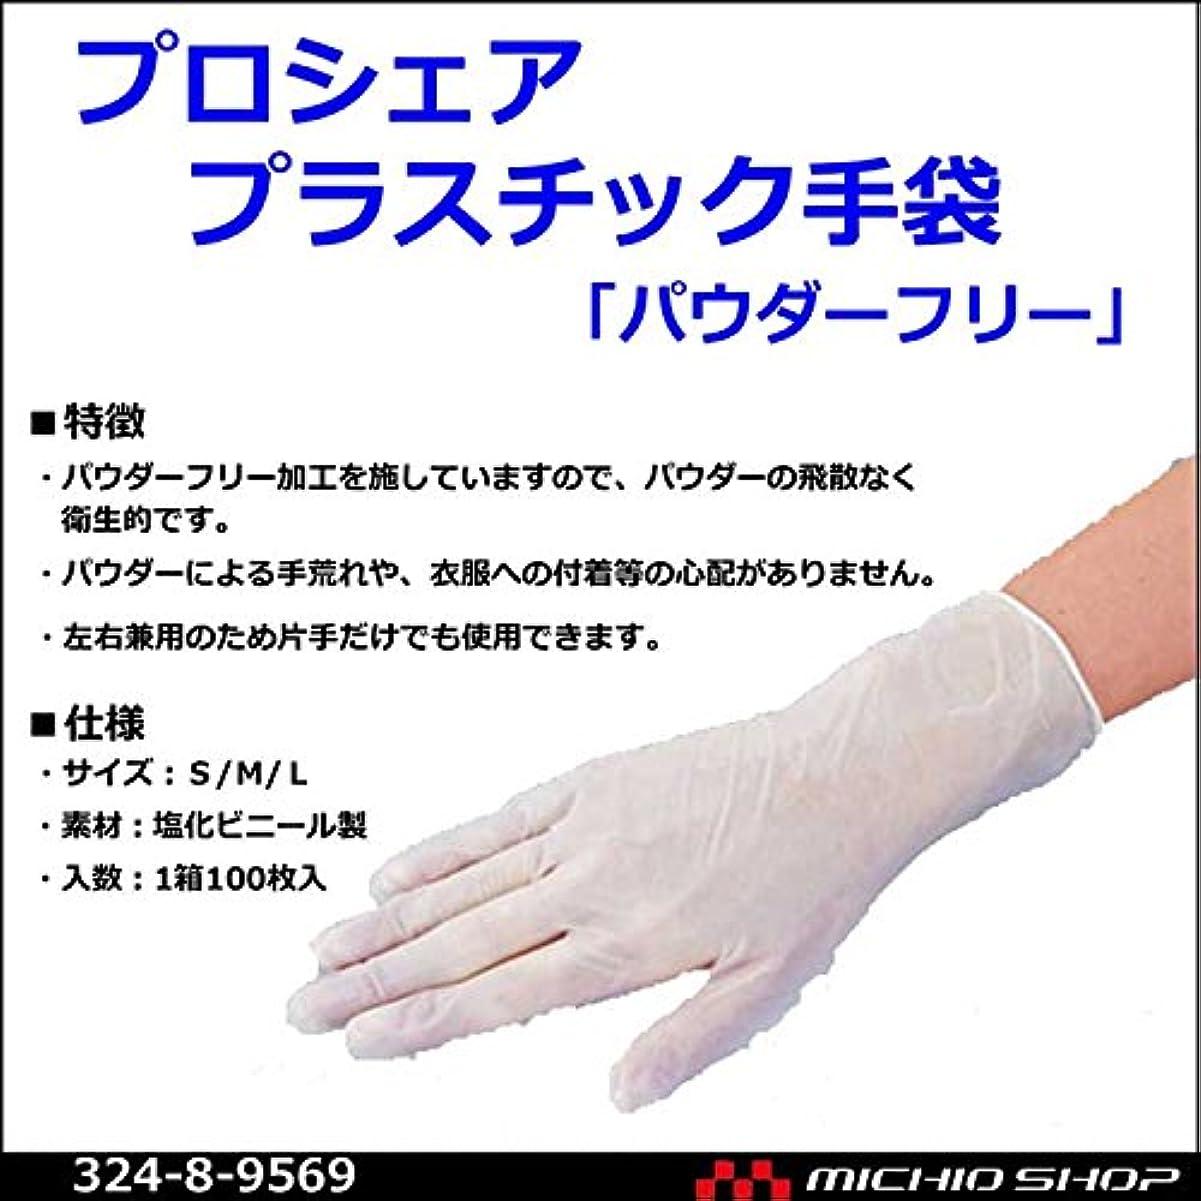 タンザニア貞パーセントアズワン プロシェアプラスチック手袋 100枚入 8-9569 03 S